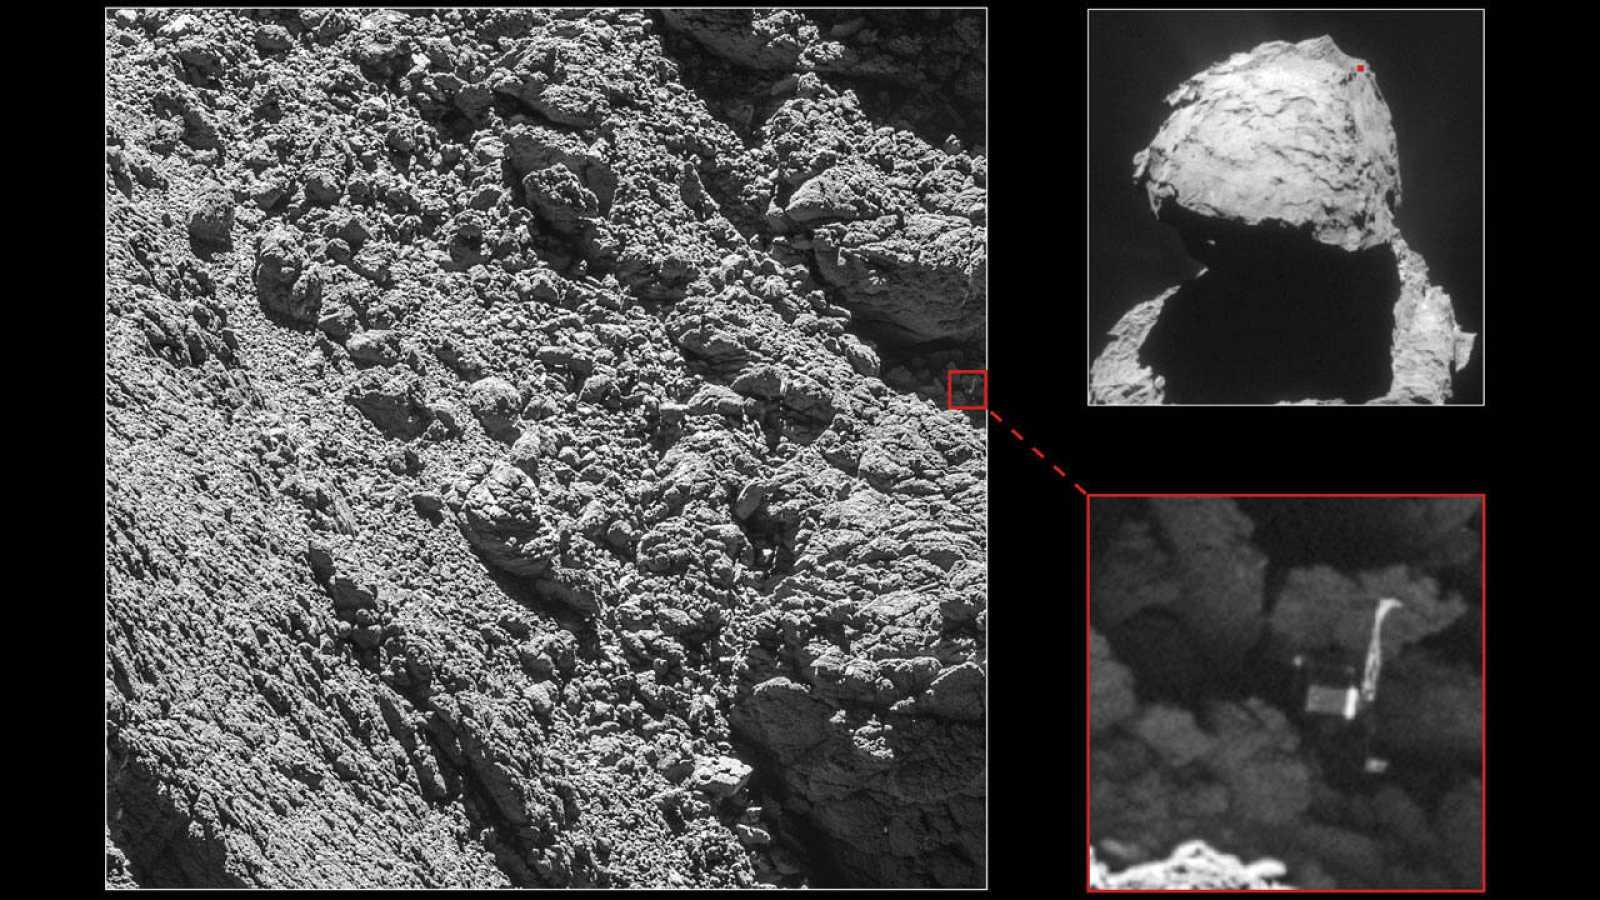 La sonda ha localizado el módulo Philae en una grieta del cometa